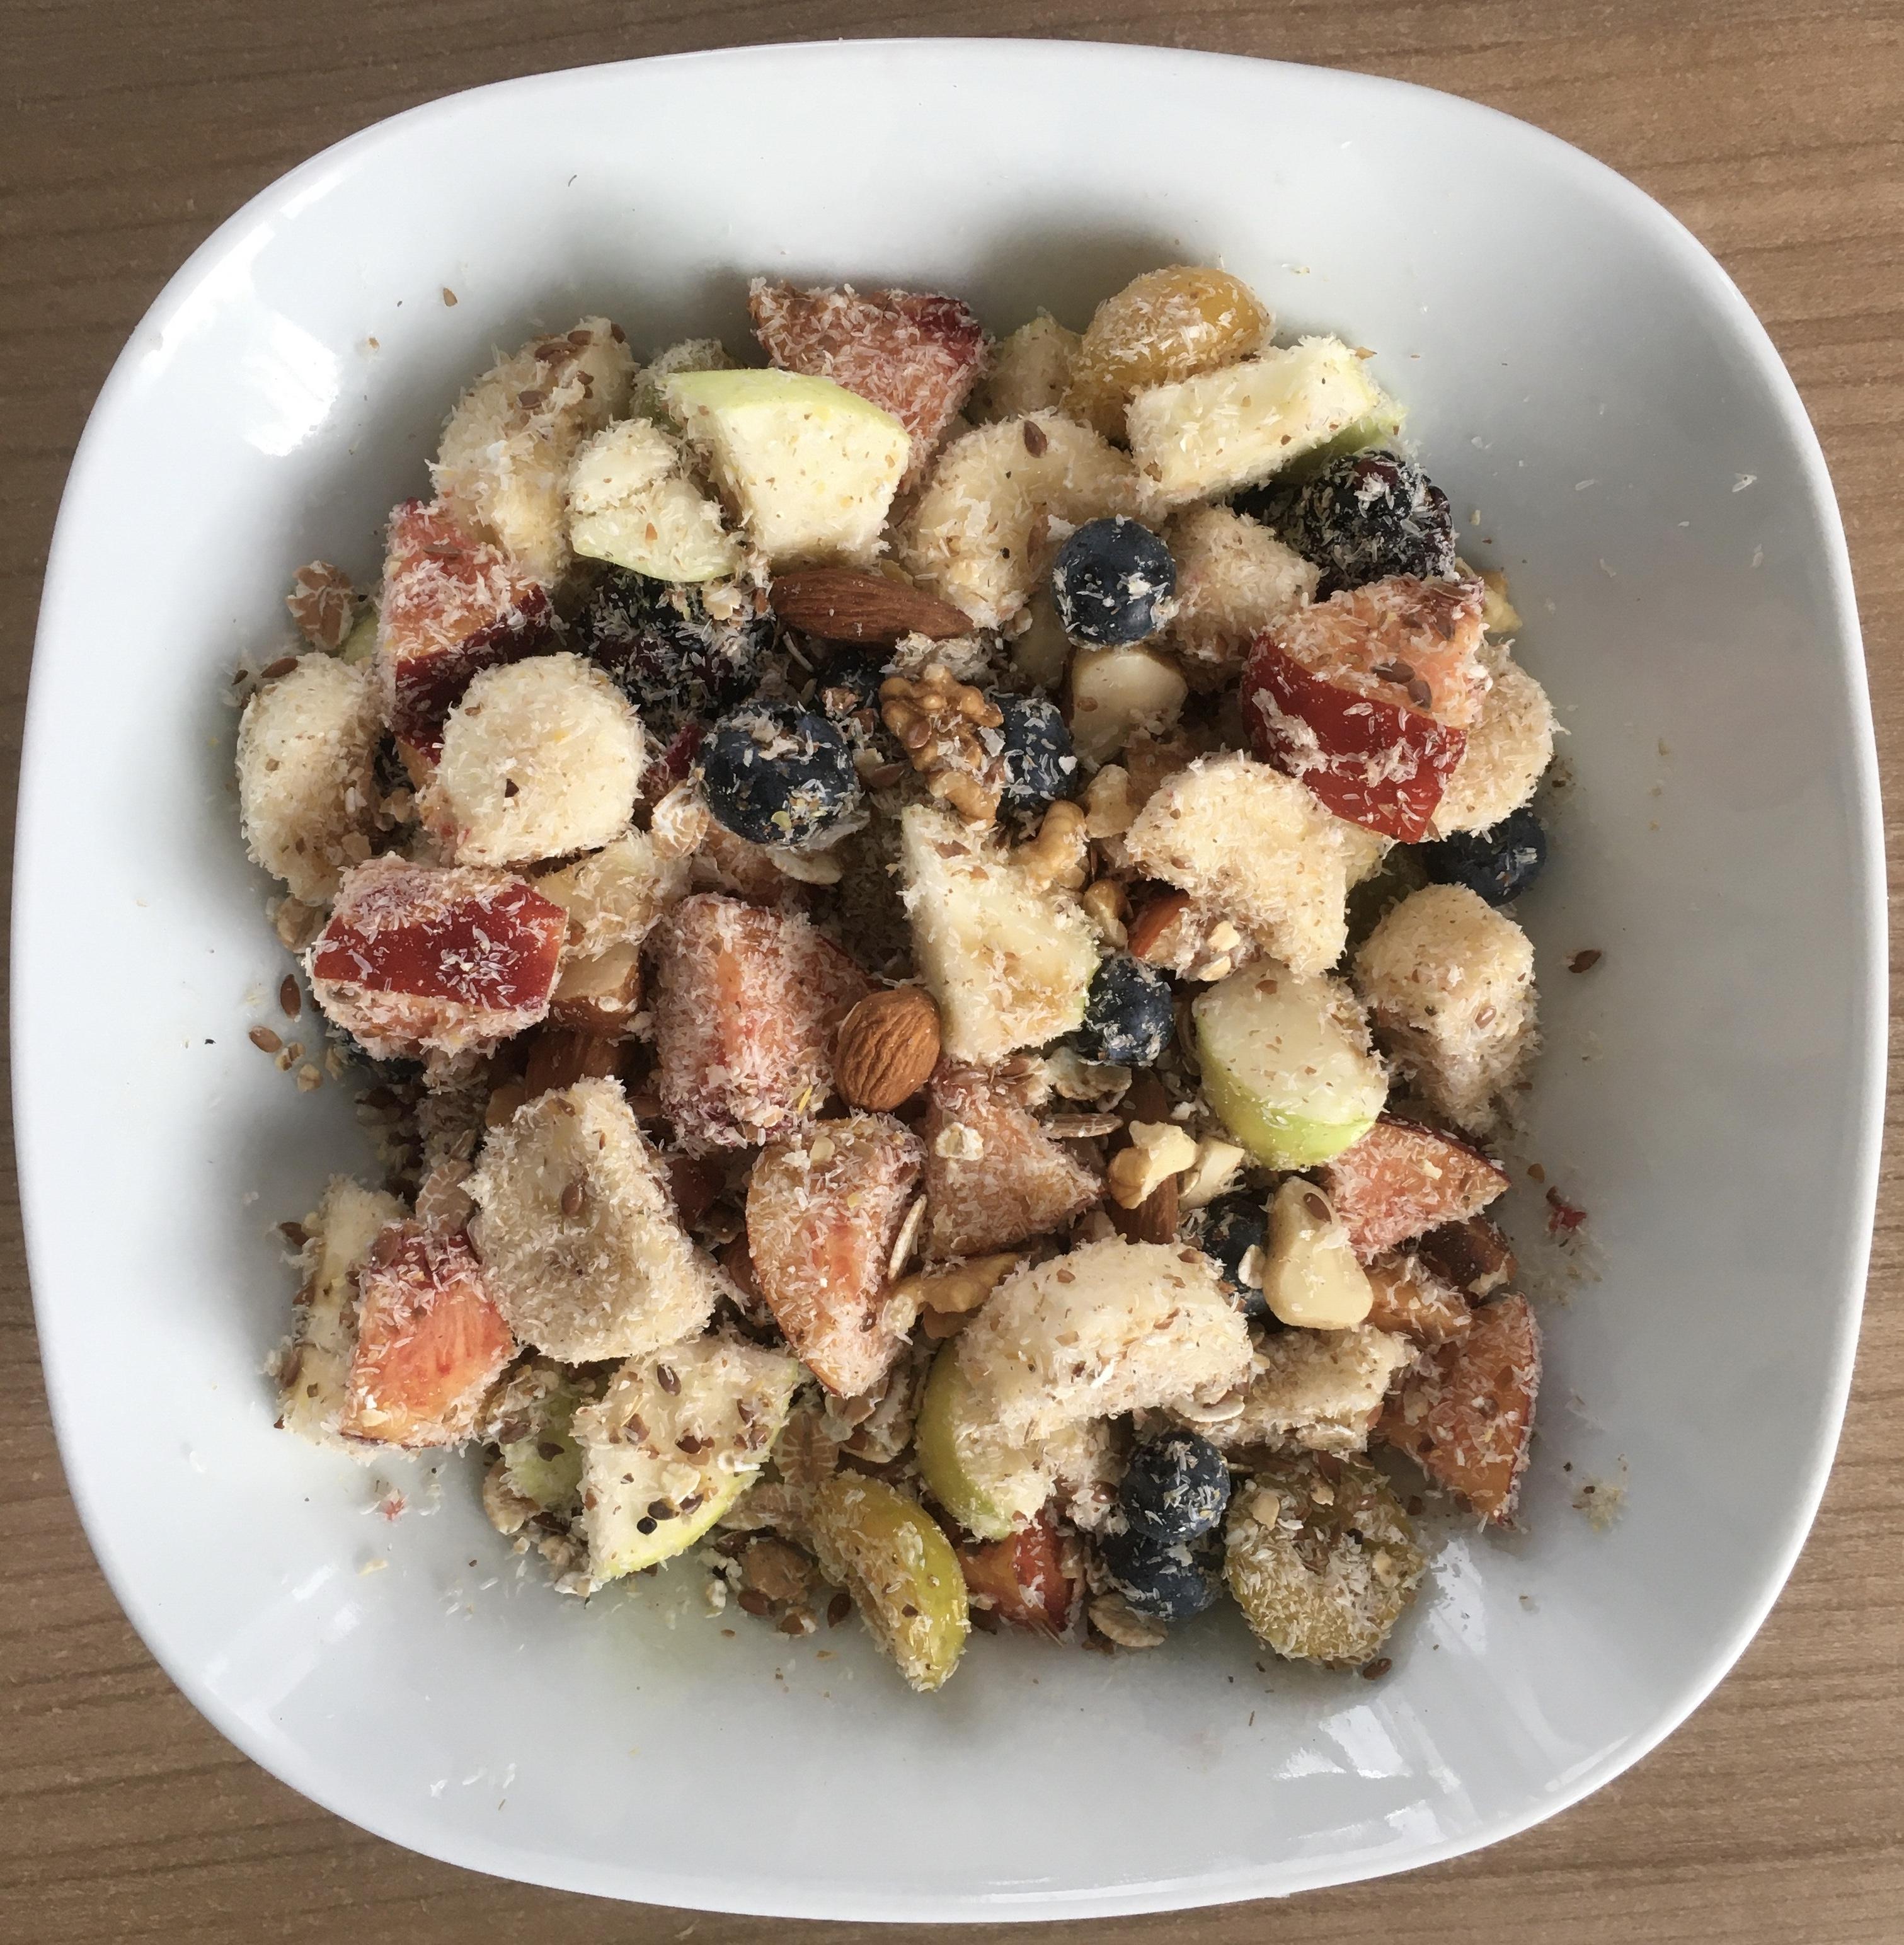 Ein Teller mit Müsli aus Obststücken, Kernen, Nüssen und mit Hafermilch.